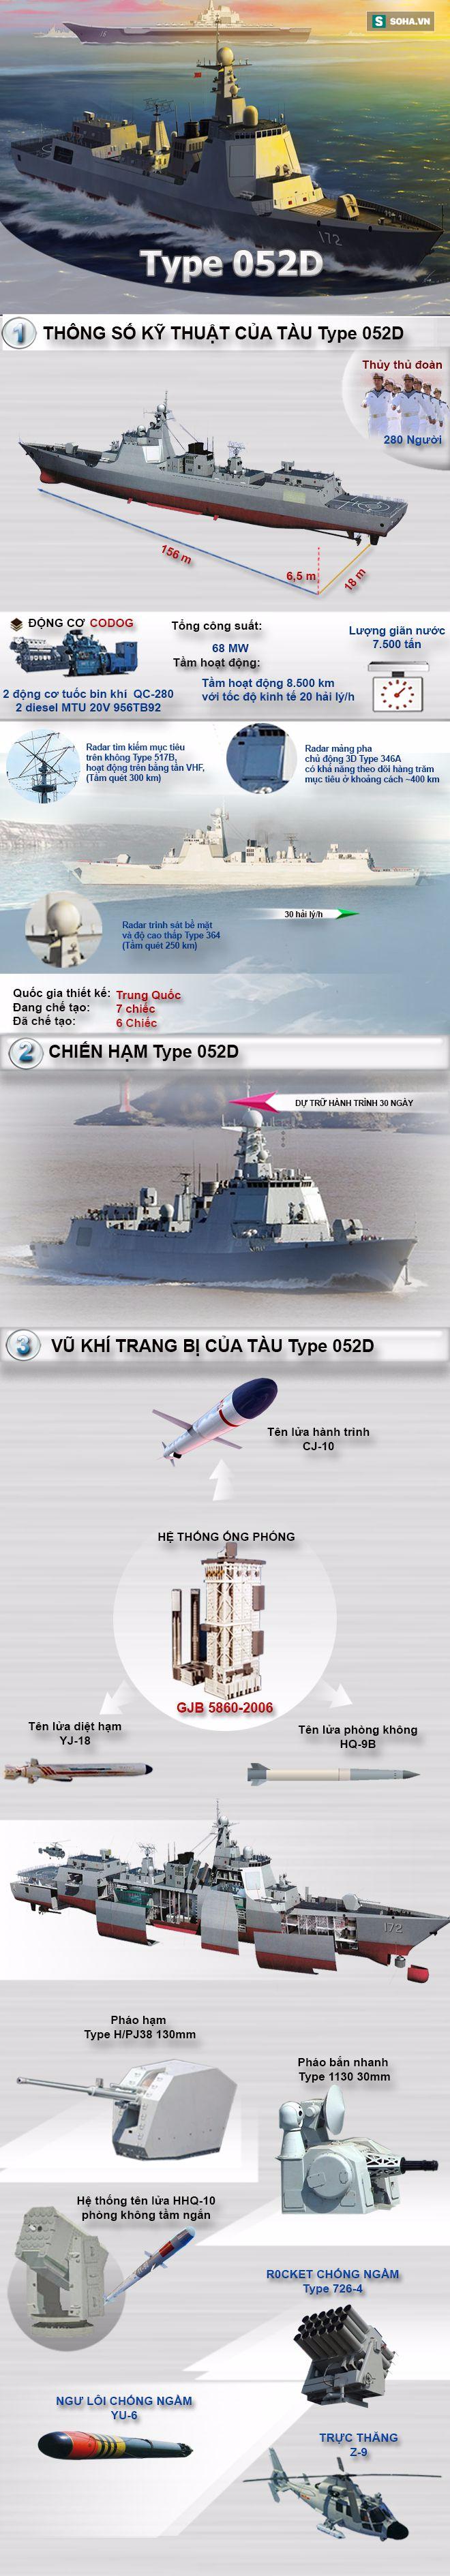 Con ngáo ộp thường xuyên được Hải quân Trung Quốc mang ra đe dọa láng giềng - Ảnh 1.